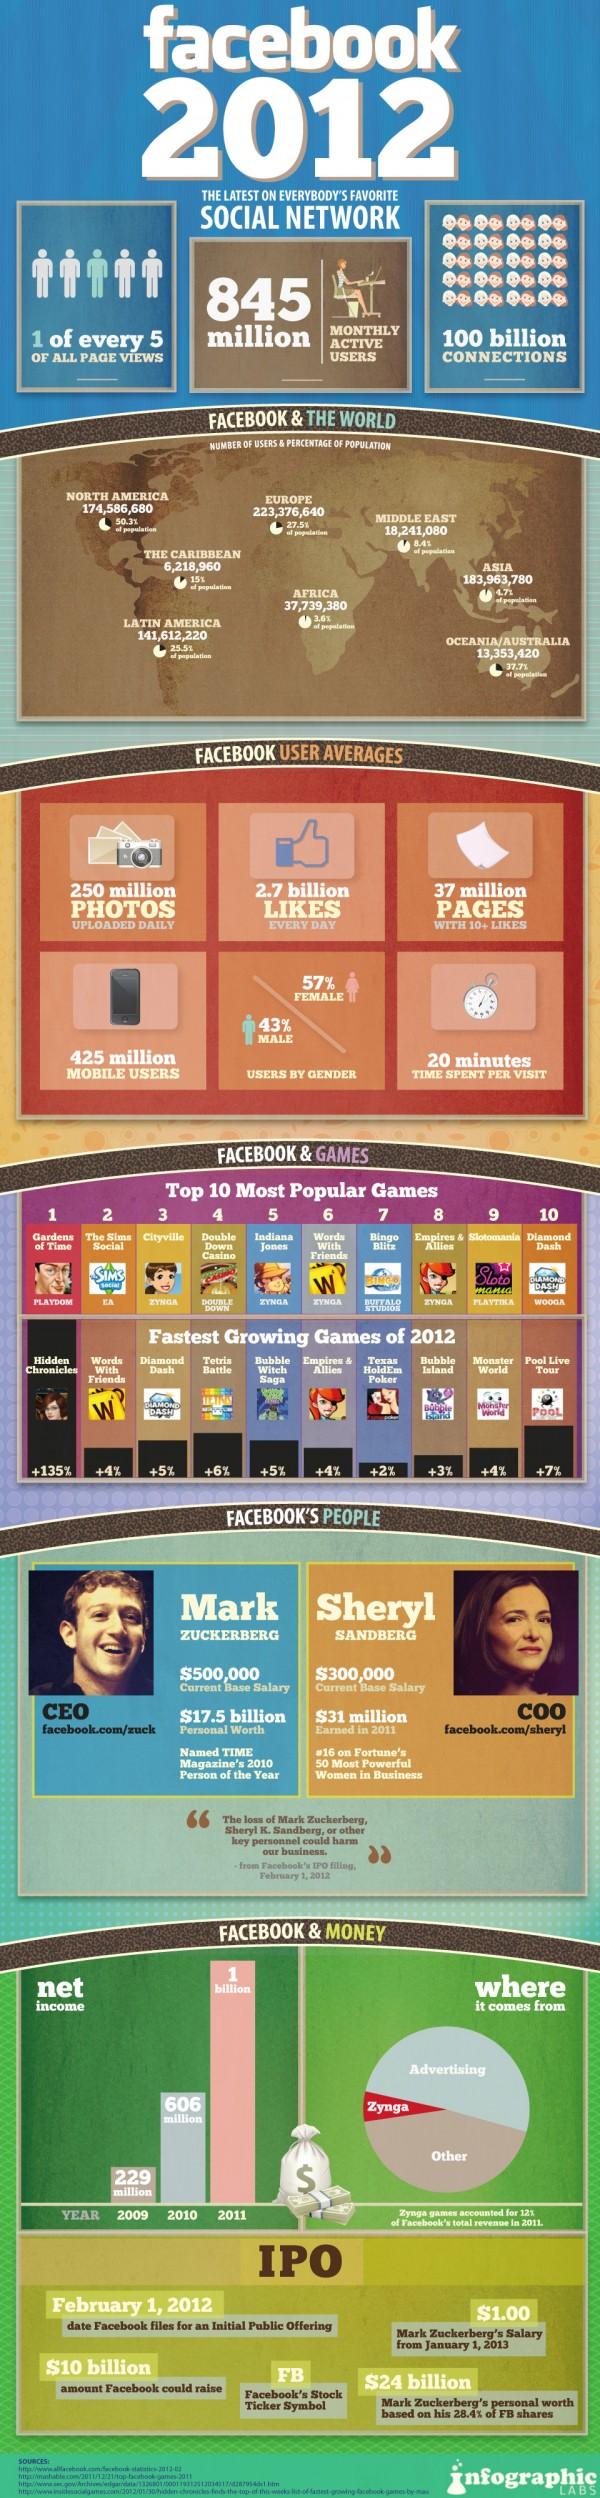 انفوغرافيك فيس بوك 2012